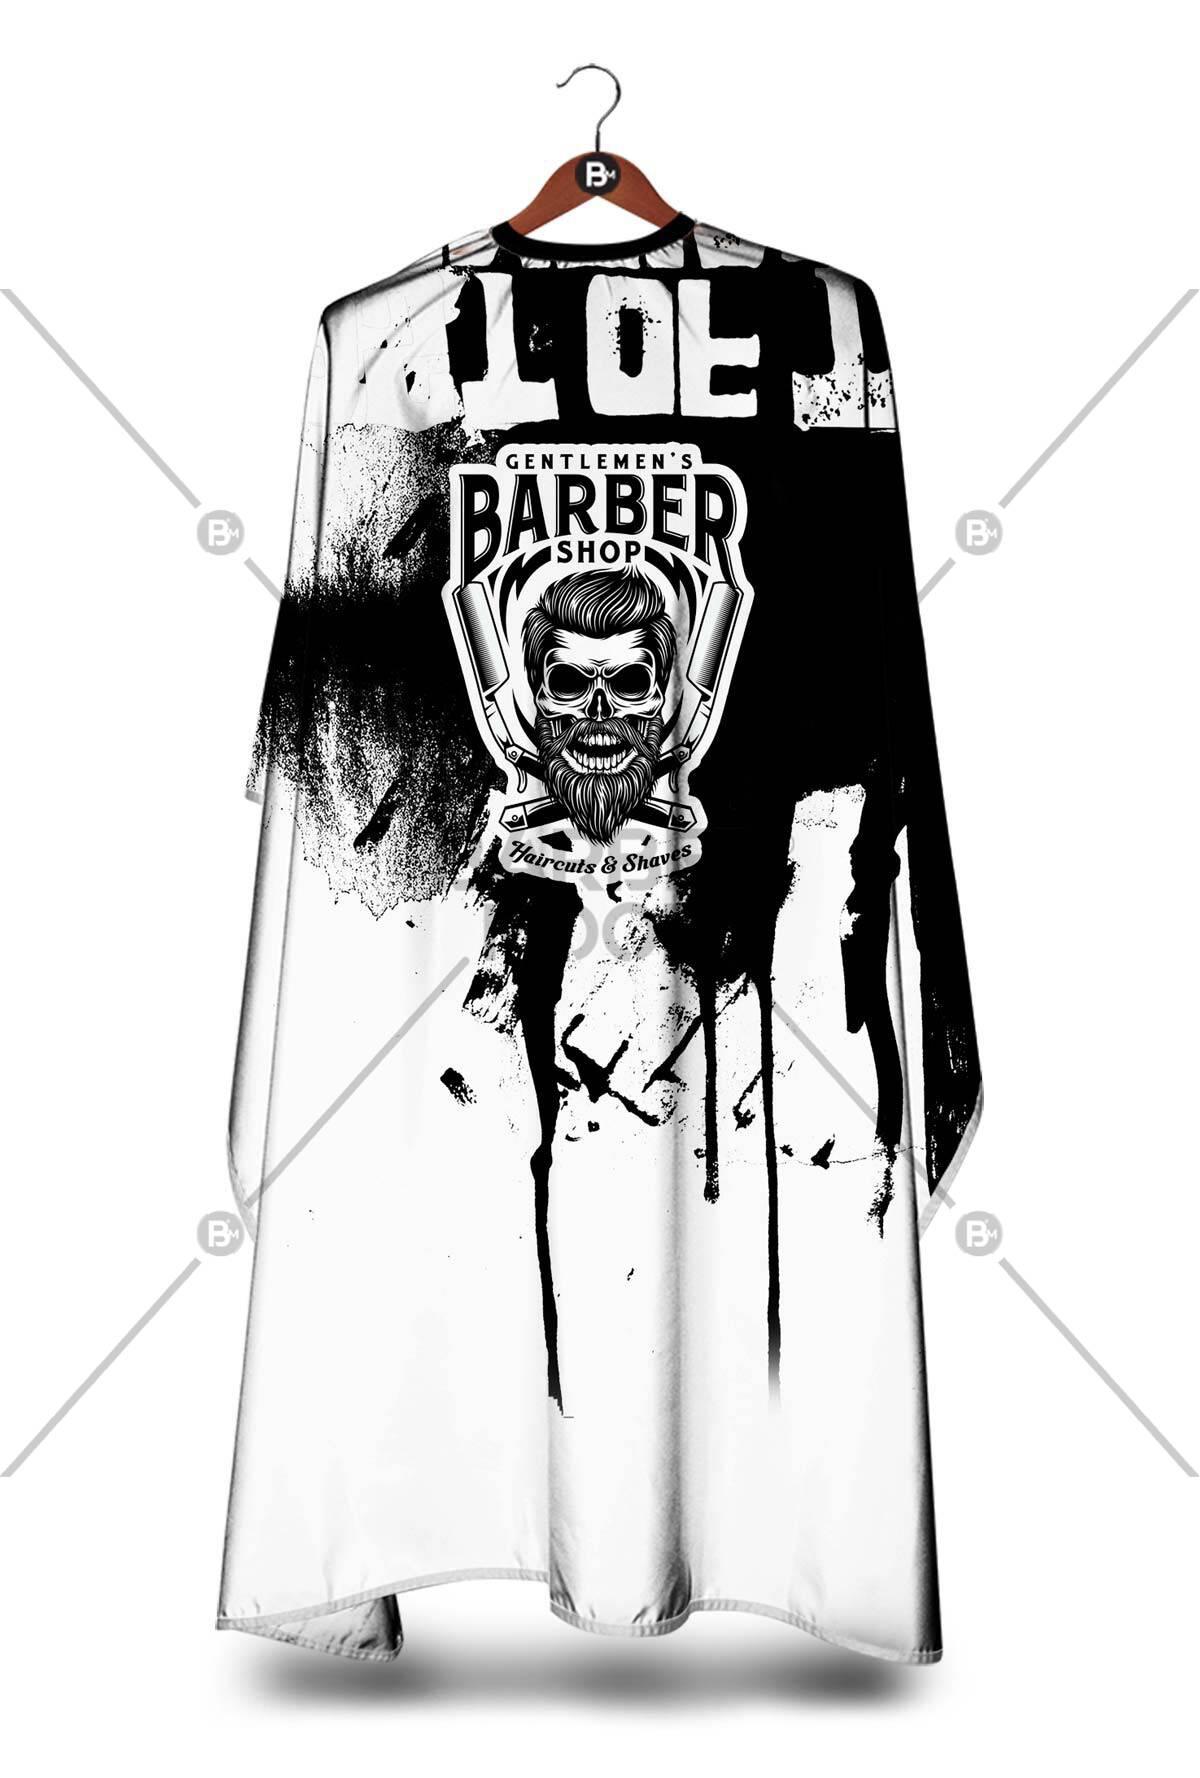 Barber Splash Penuar ürünü tüm müşterileriniz tarafından ilgi ile incelenebilecek, yumuşak dokusu ile antistatik özelliği sayesinde asla kıl, sakal veya tüy tutmayacaktır.